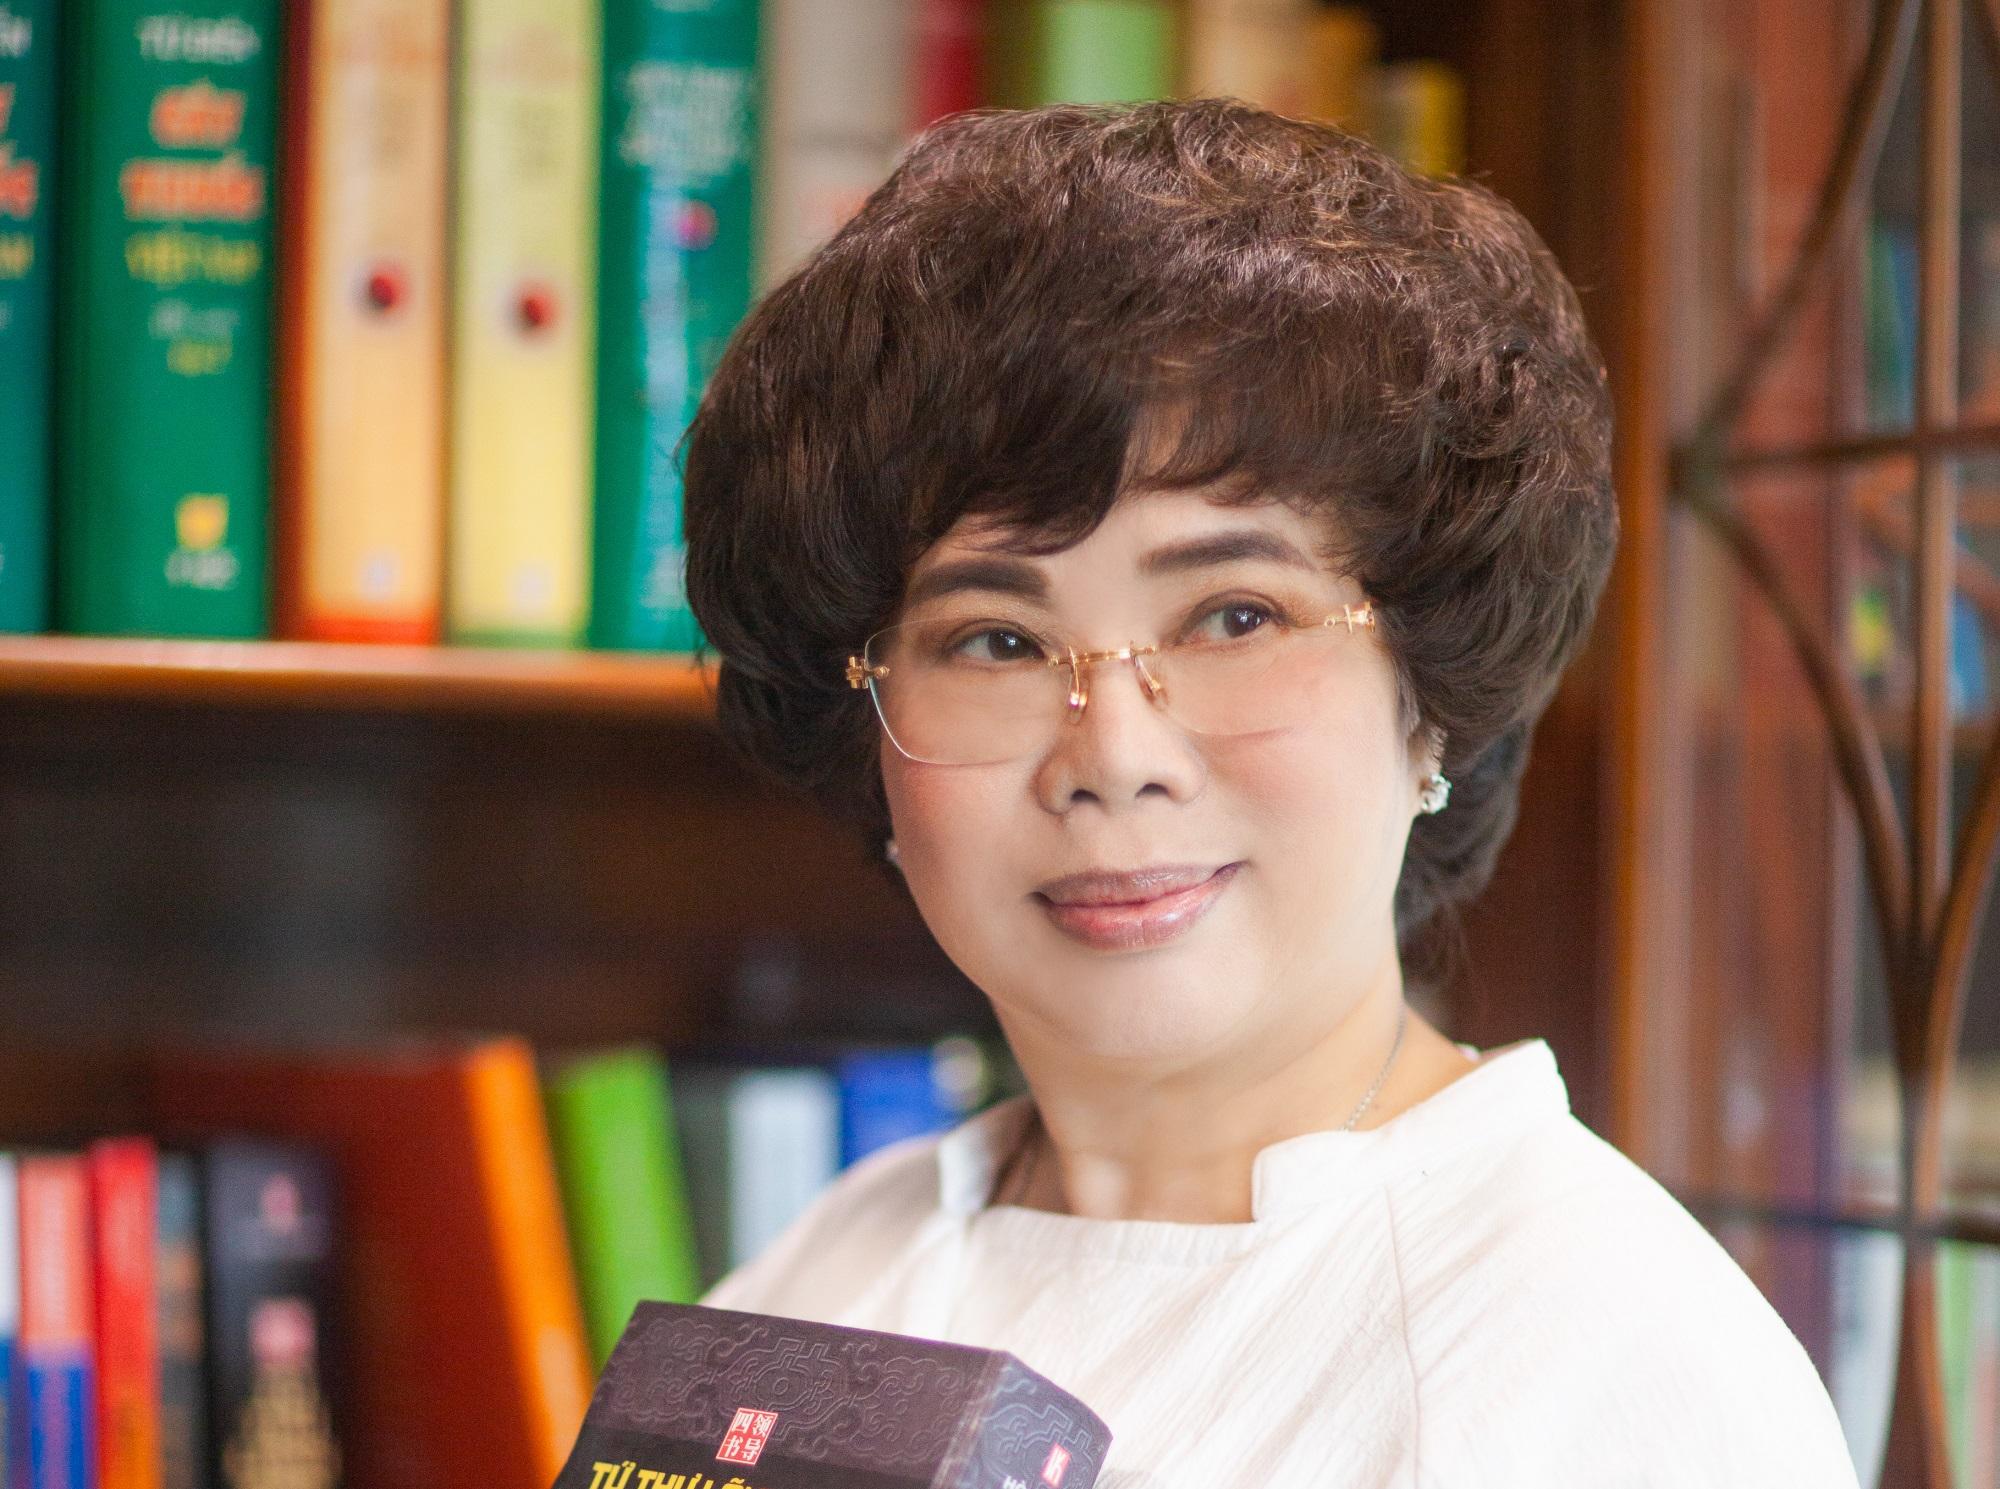 Anh hùng Lao động Thái Hương: Hạnh phúc lớn nhất của tôi là mang lại những lợi ích thiết thực cho cộng đồng 3